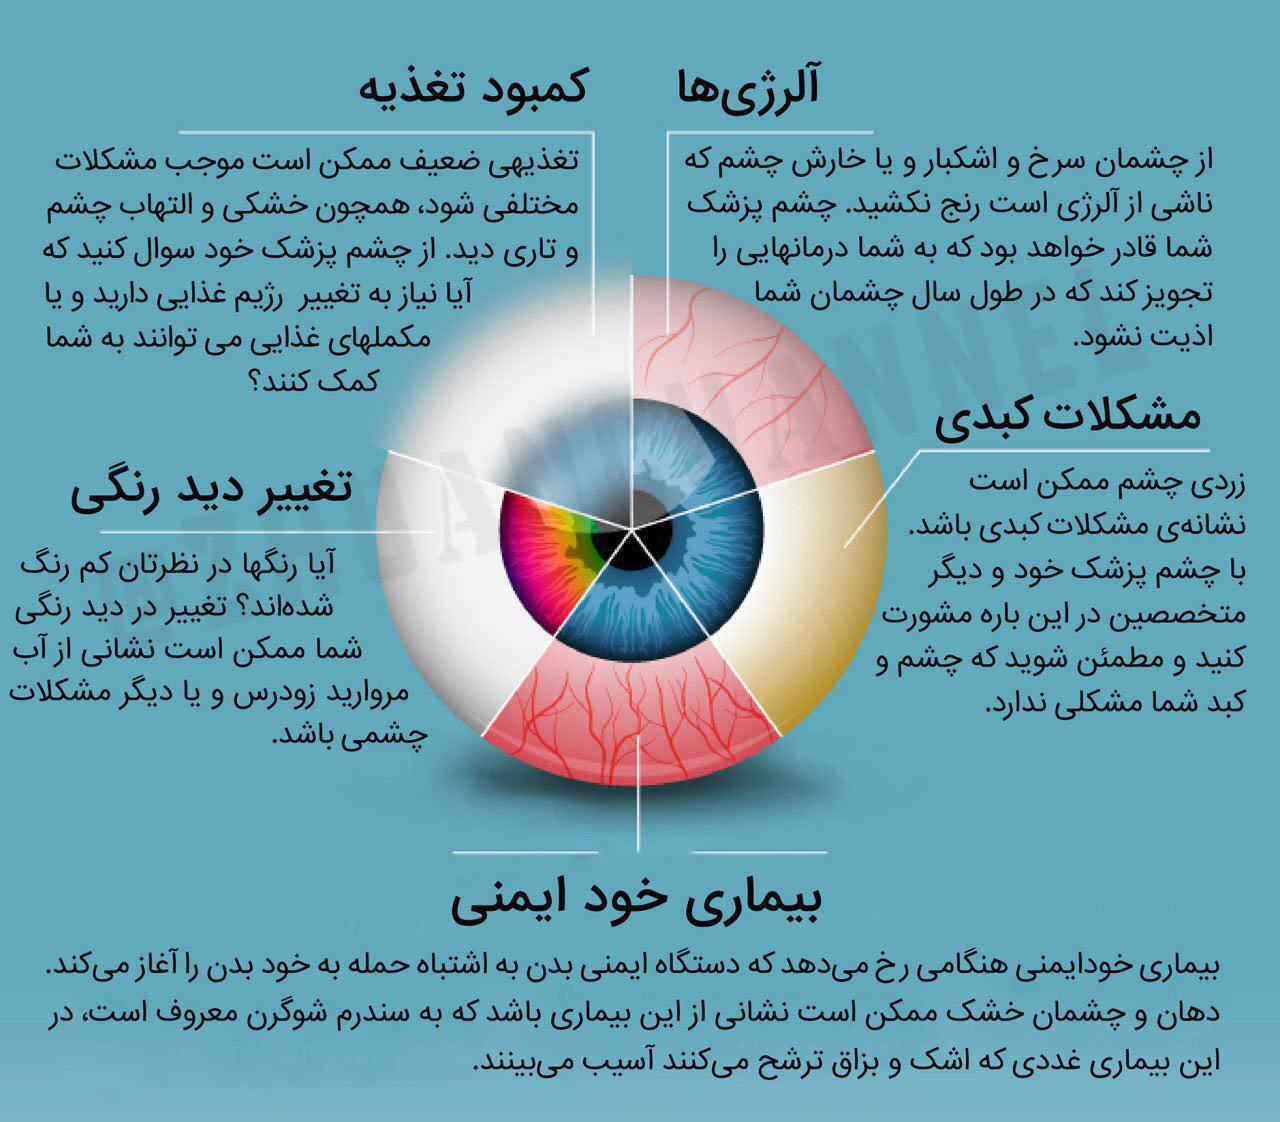 تغییر رنگ چشم نشان دهنده کمبود چه مواد غذایی است+ اینفوگرافی/// جمعه